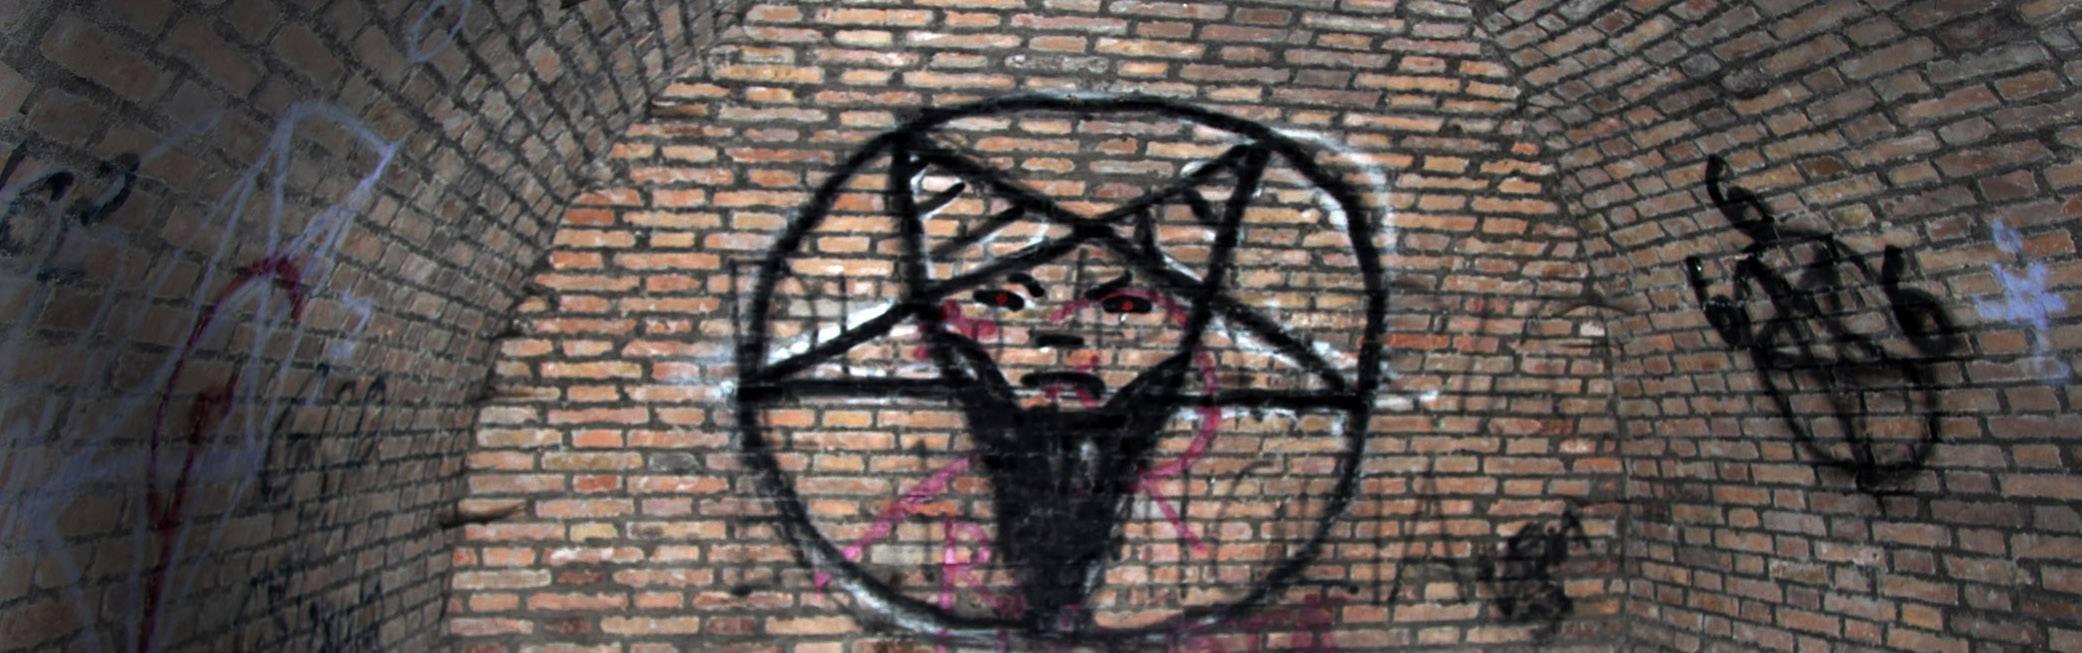 Nel bosco delle fate ci troviamo satana.